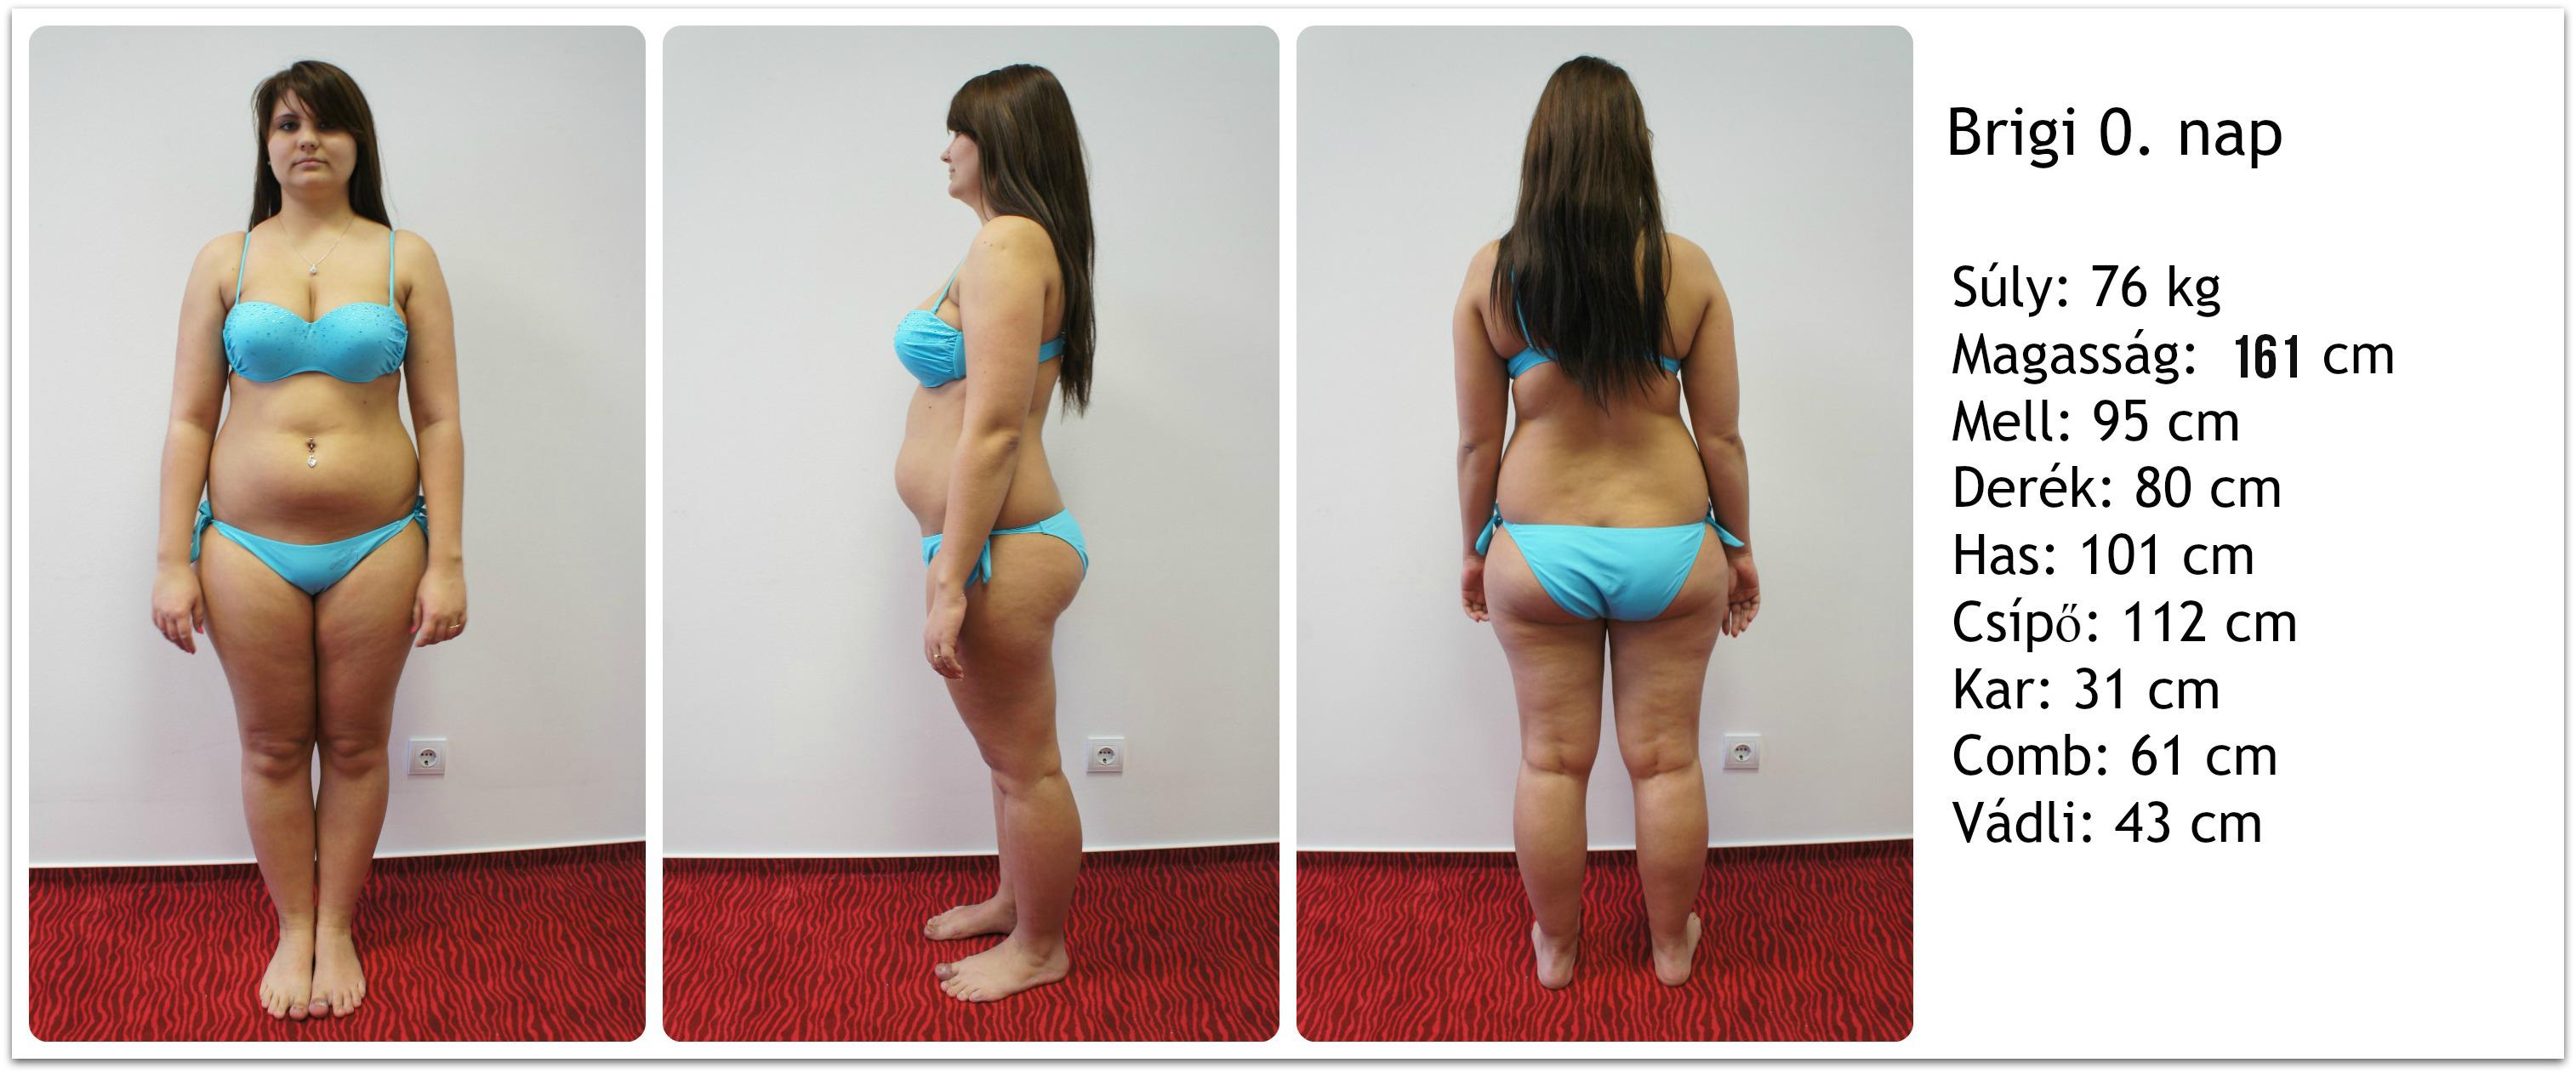 Döbbenetes fogyás: Egy év alatt 60 kilót fogyott az elszánt anyuka - Ripost